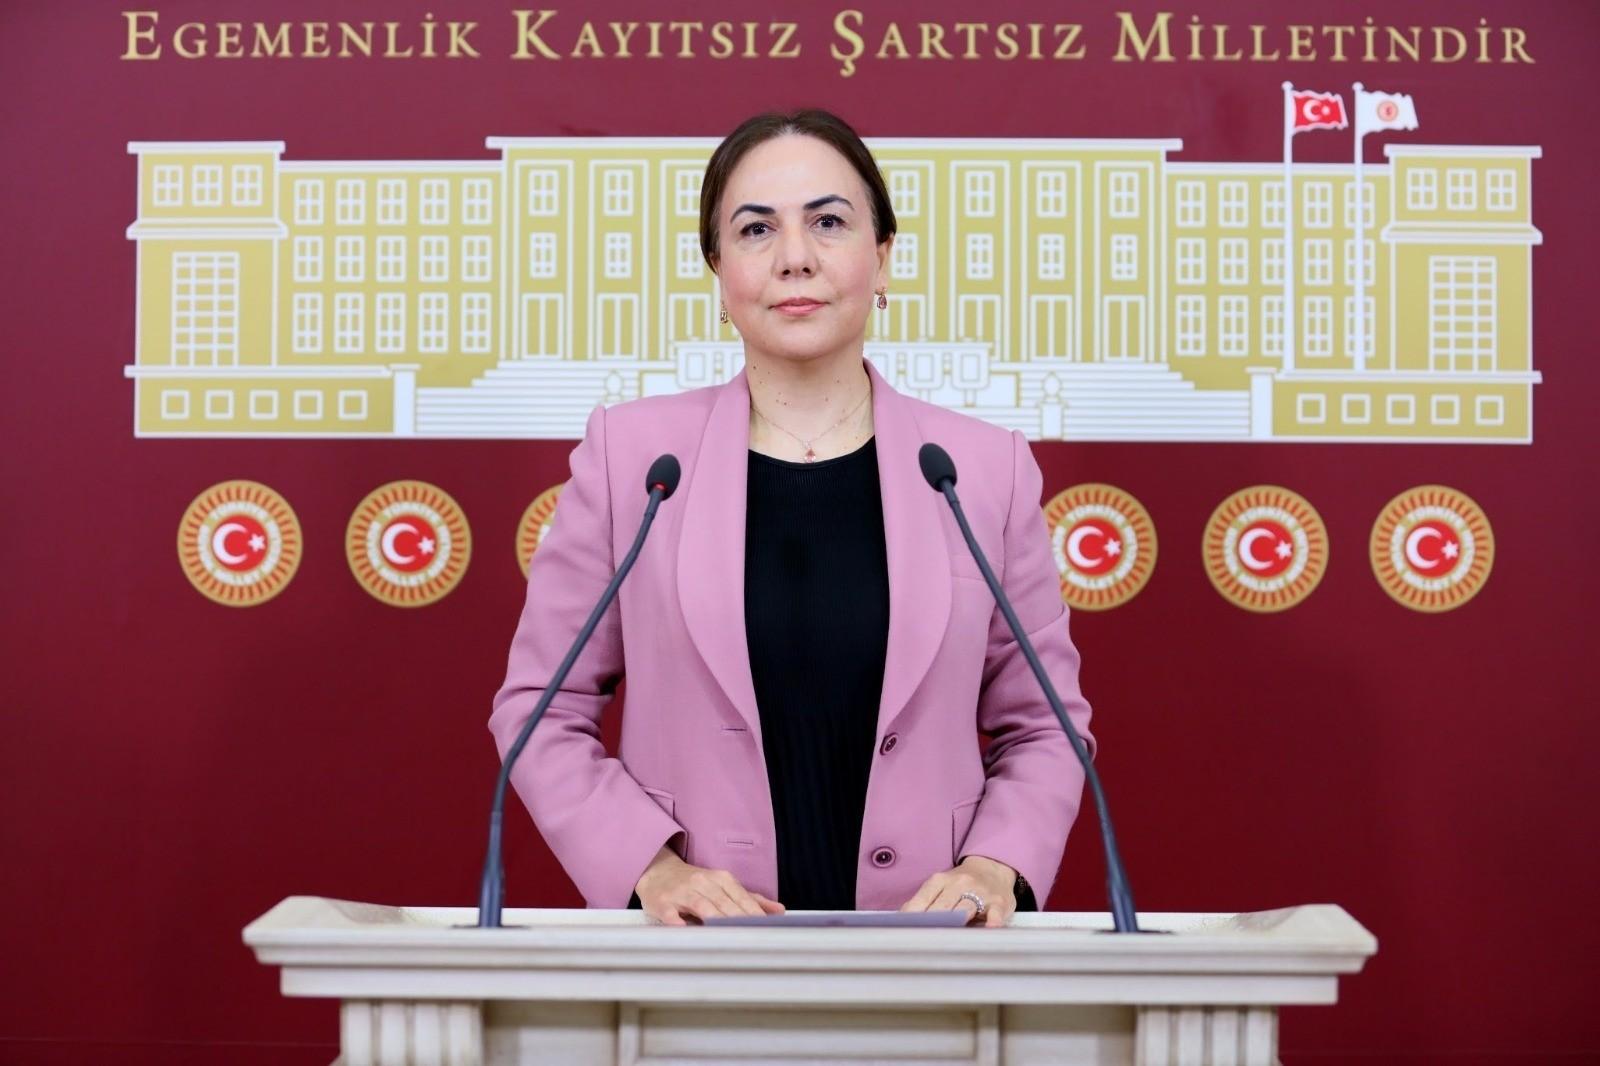 """AK Parti'li Yılmaz'dan 'soykırım' tepkisi: """"Bu açıklama yok hükmündedir"""""""